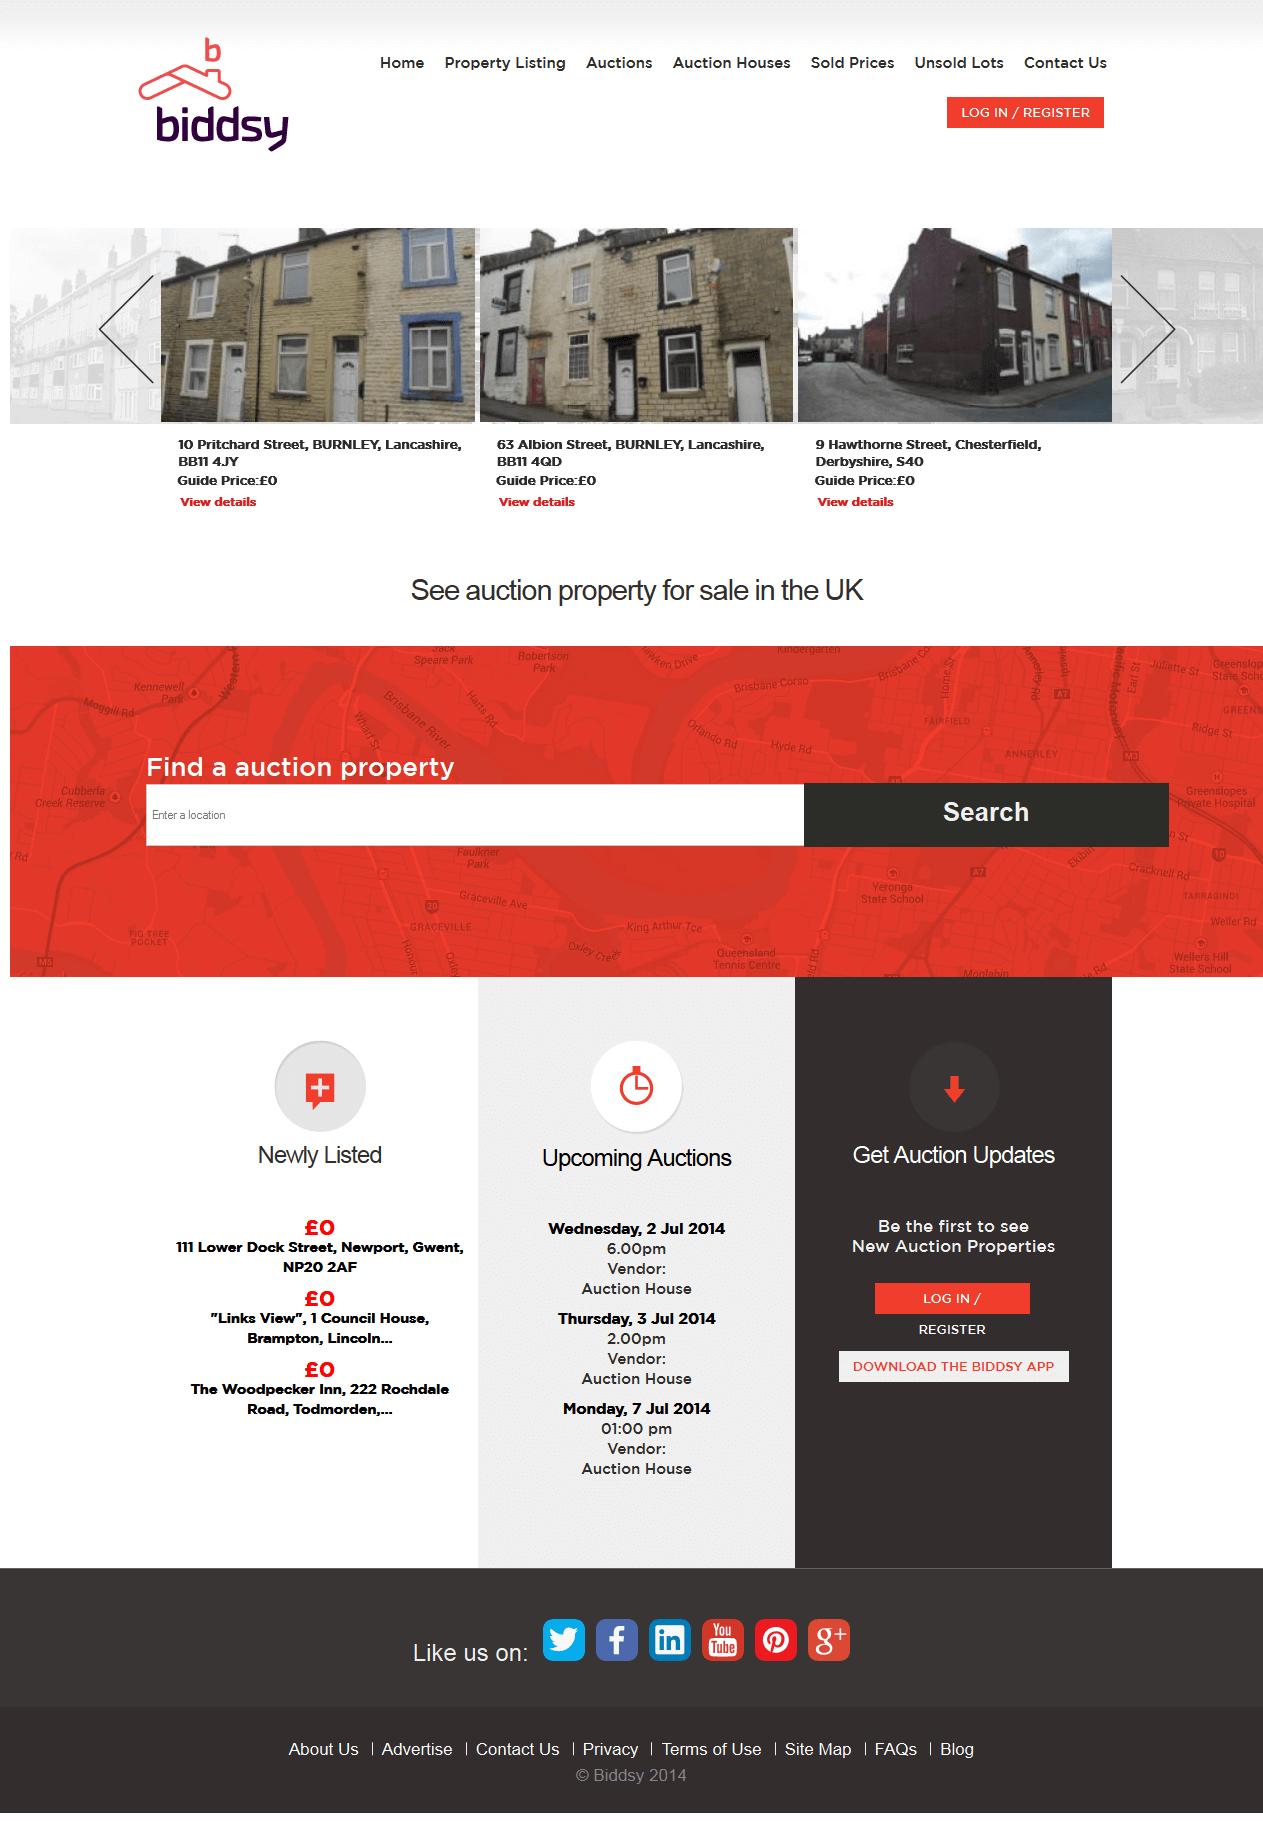 A Drupal Based Real Estate Website